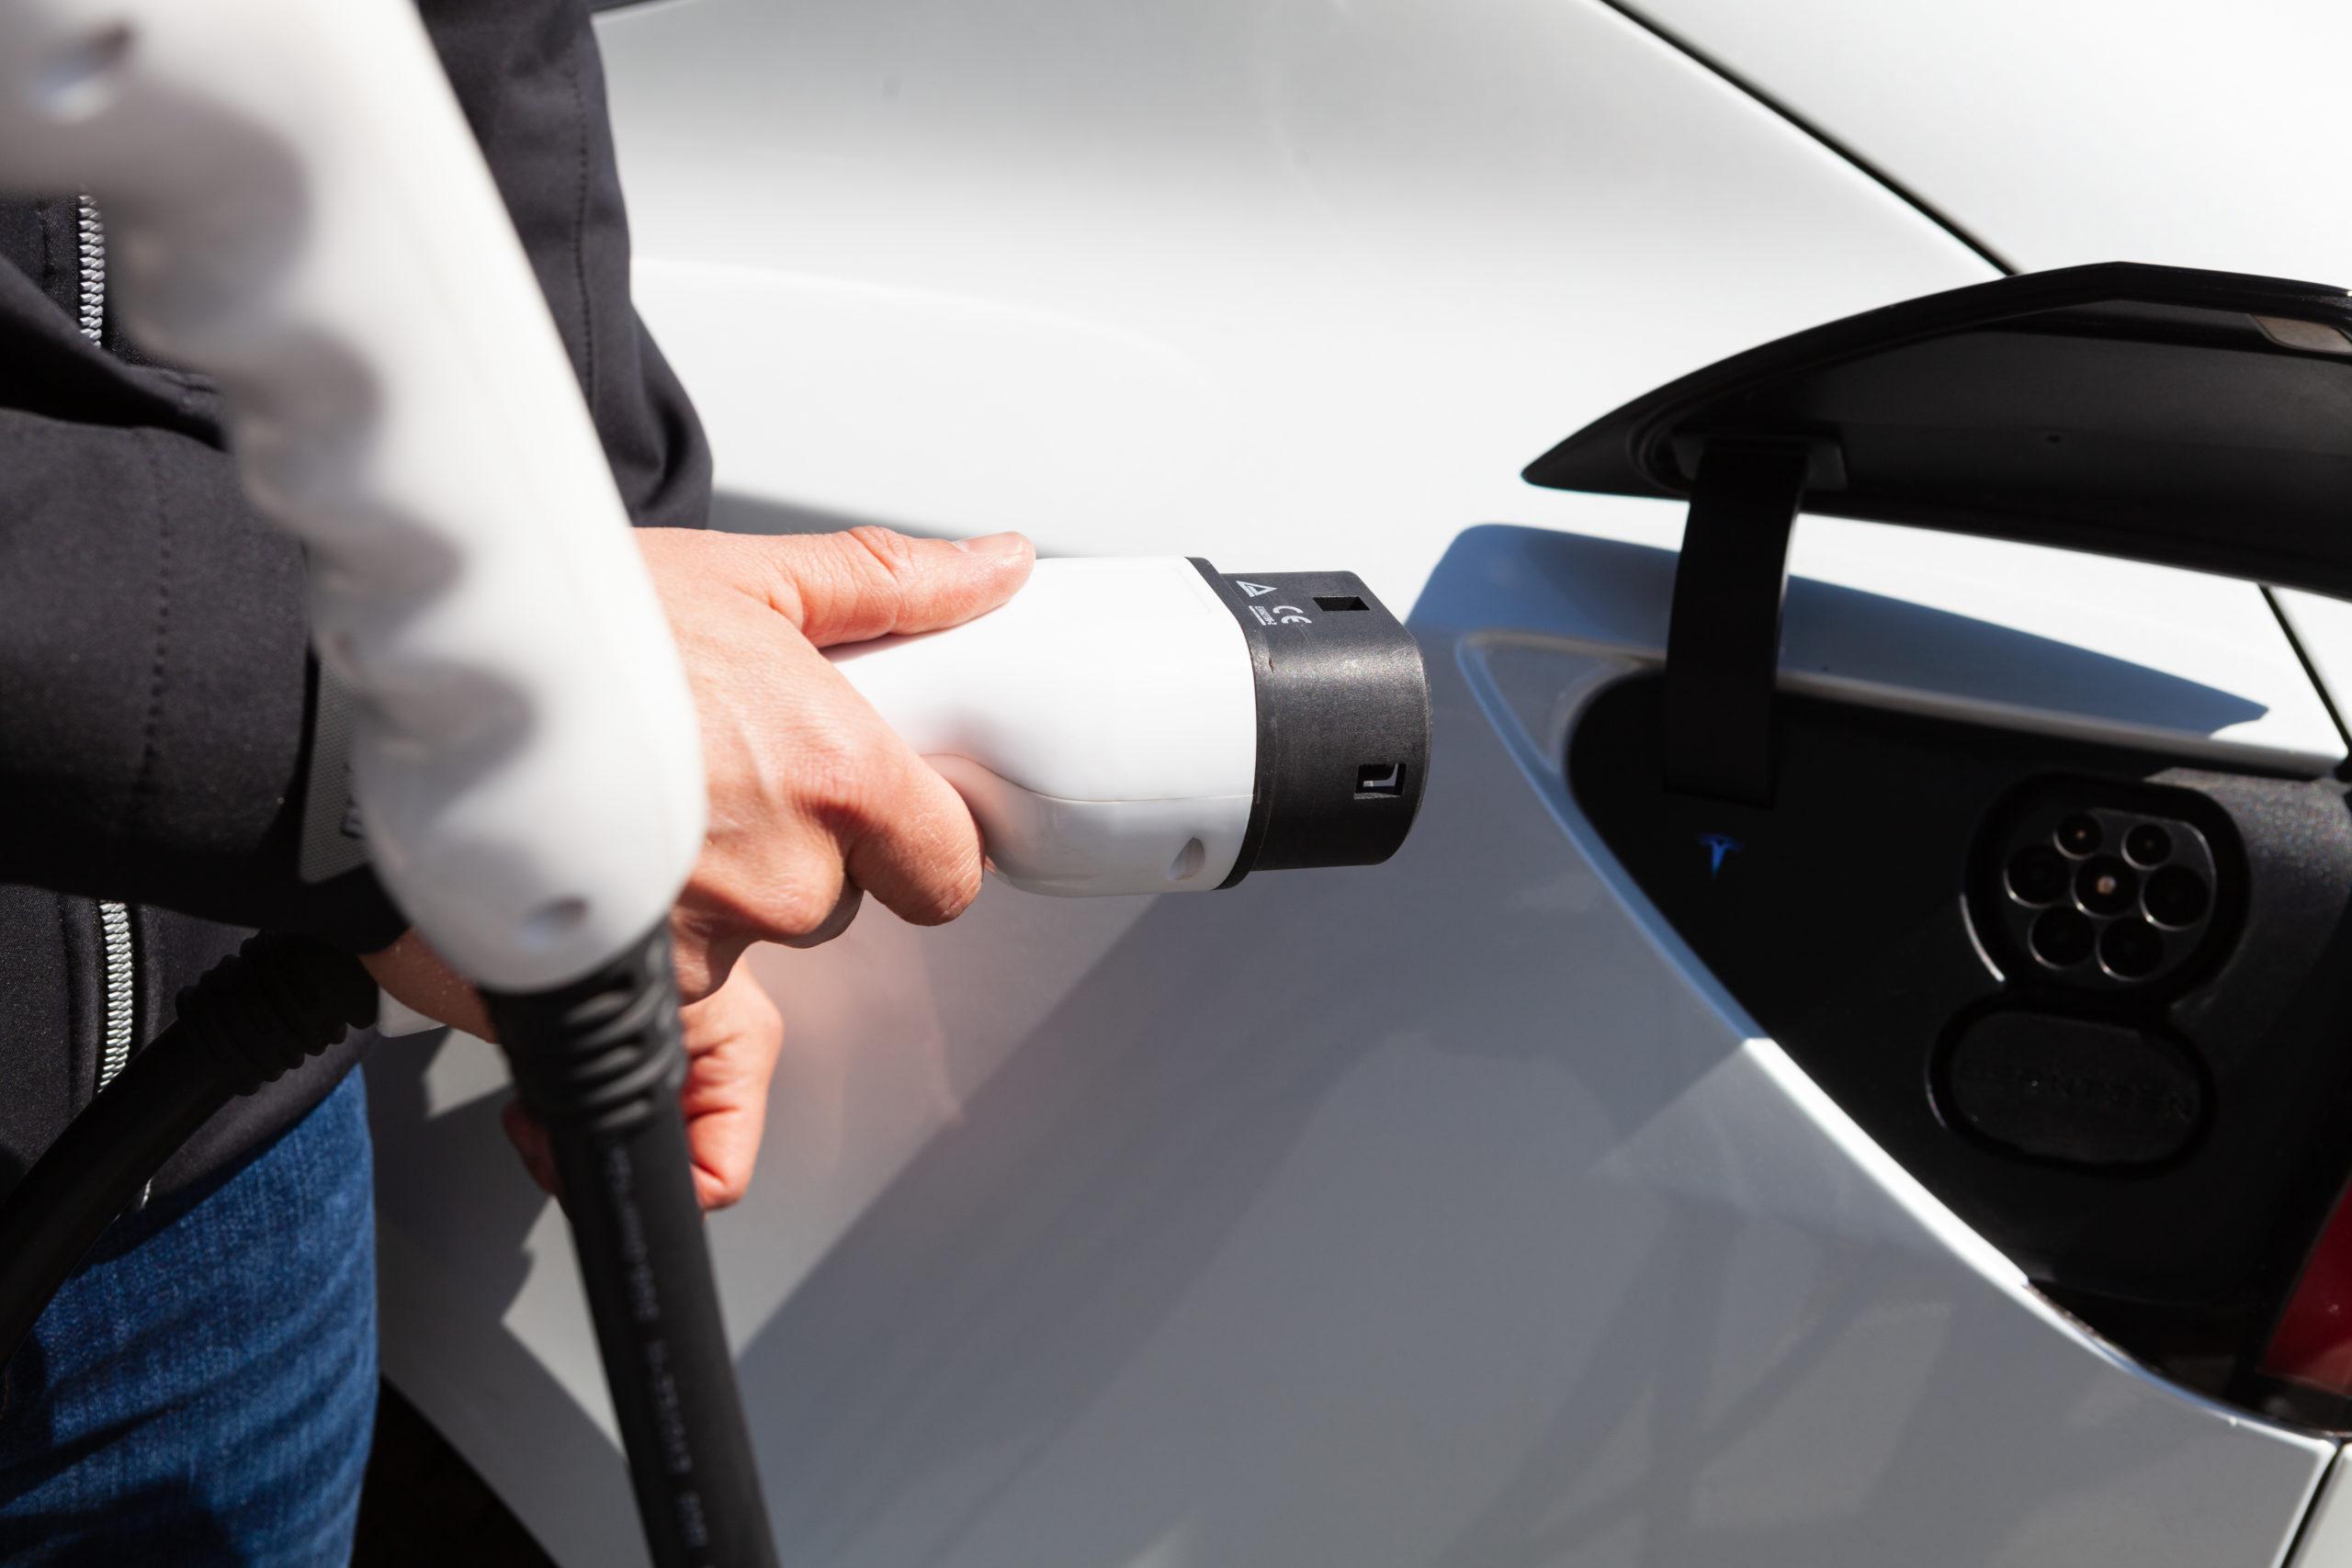 nærbilde av hånd som setter en lader inn i en elbil